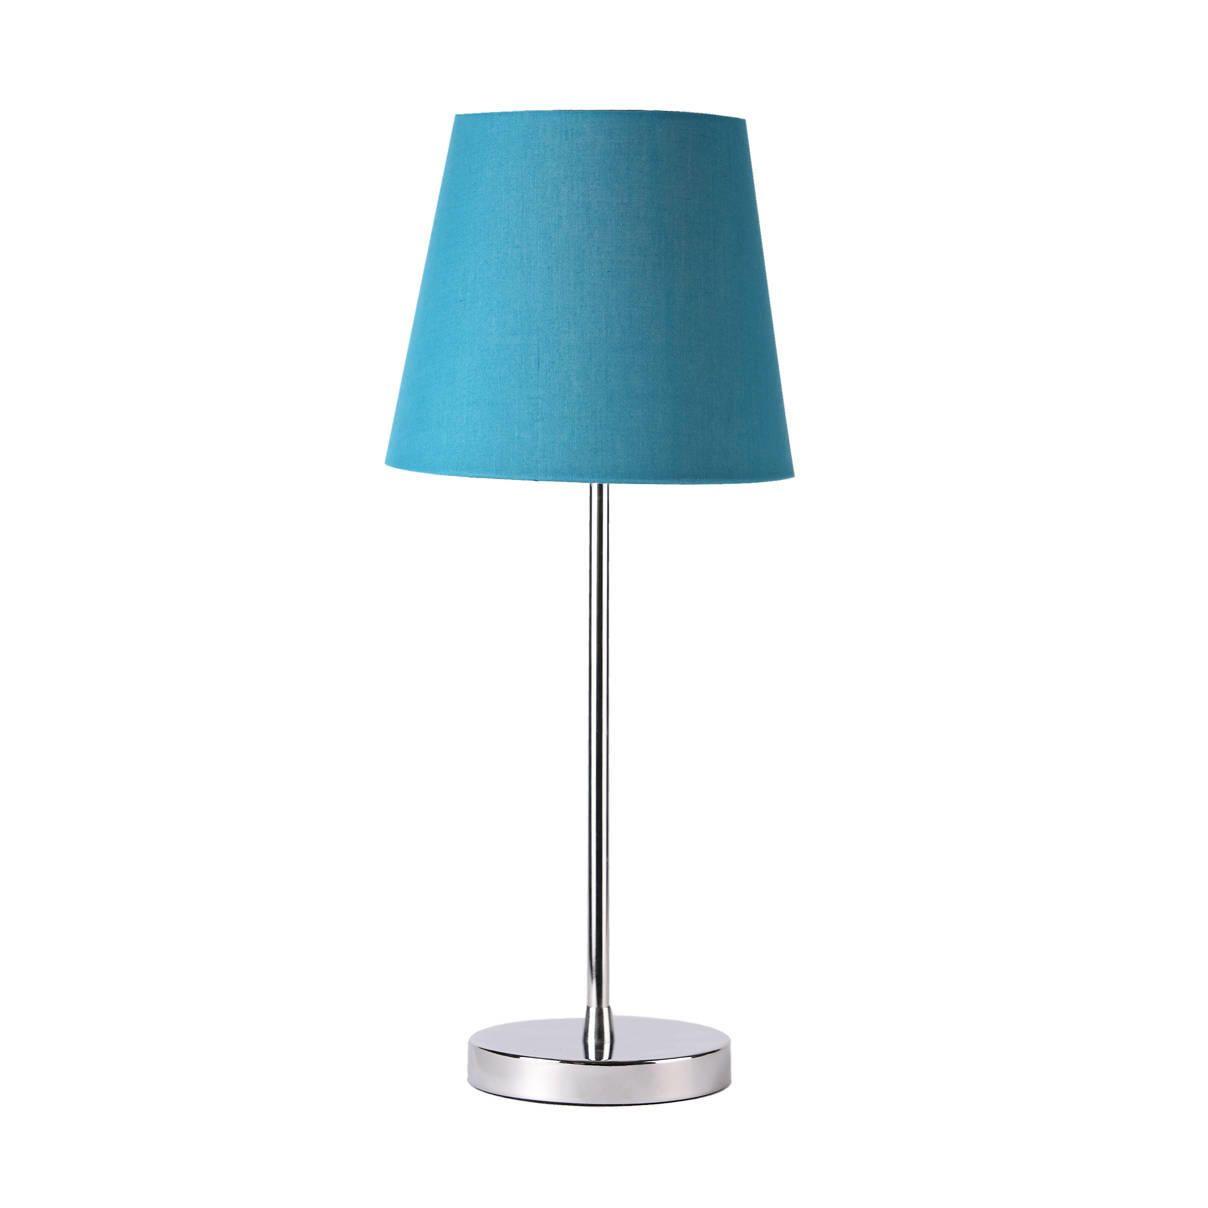 teal table lamps. Black Bedroom Furniture Sets. Home Design Ideas